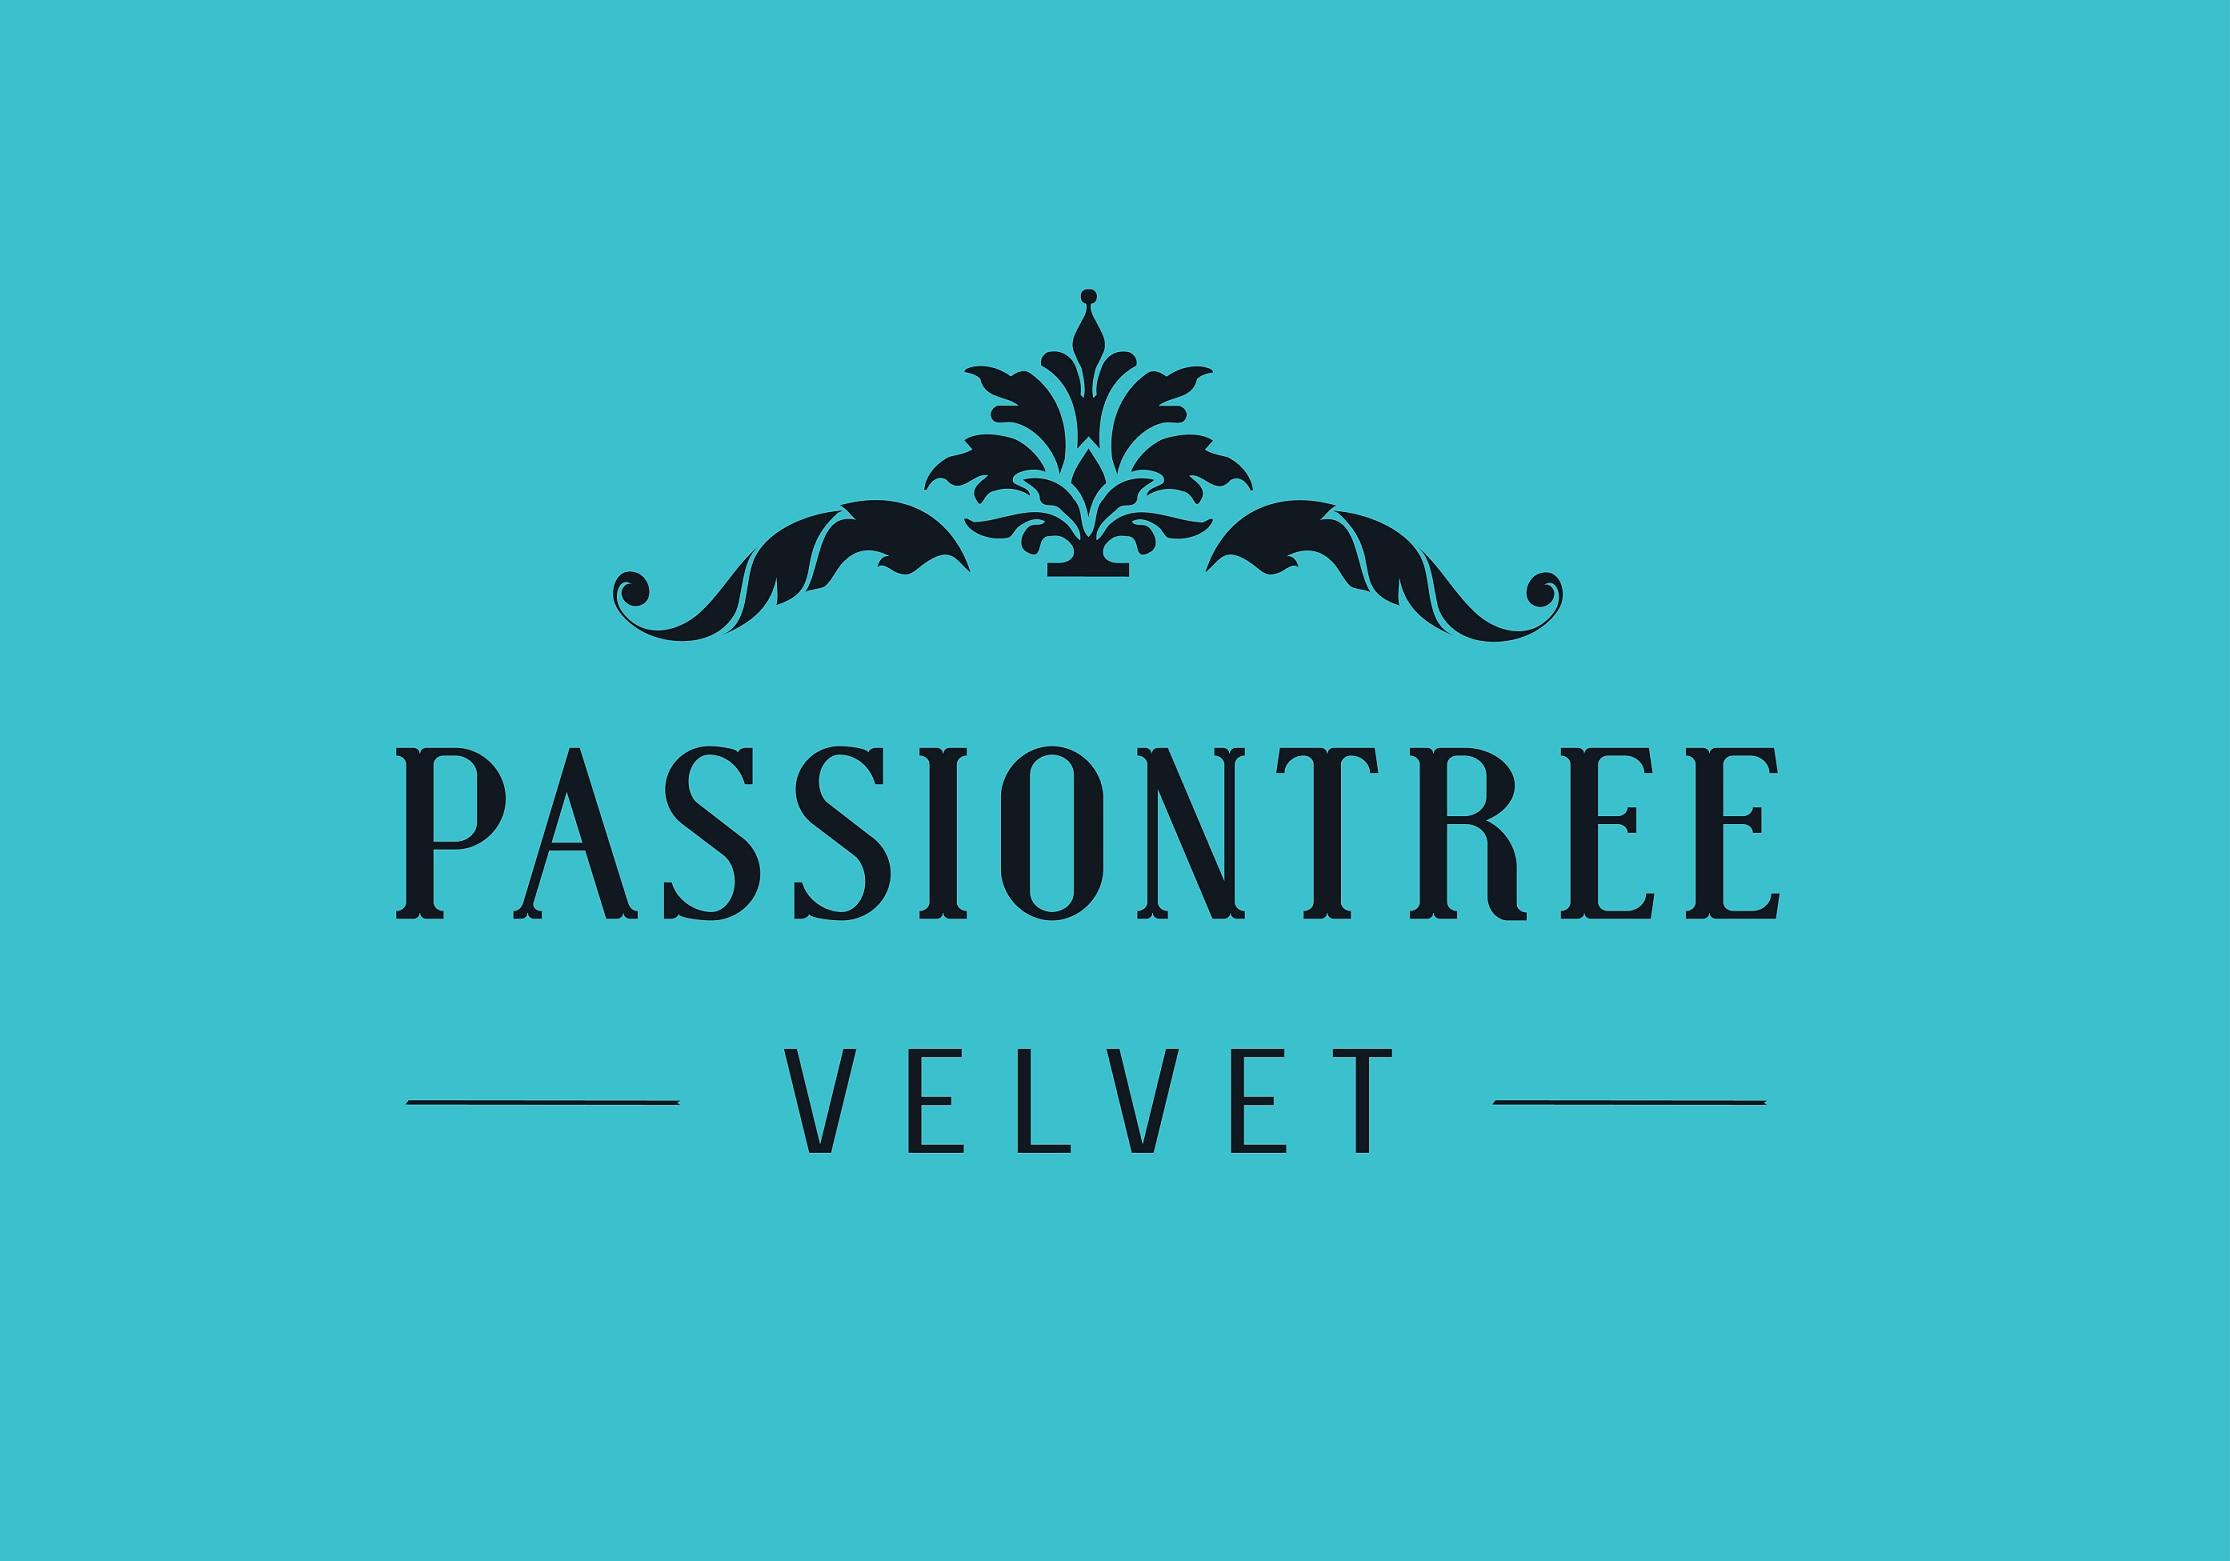 Passiontree Velvet - Canberra Area Developer Franchisee